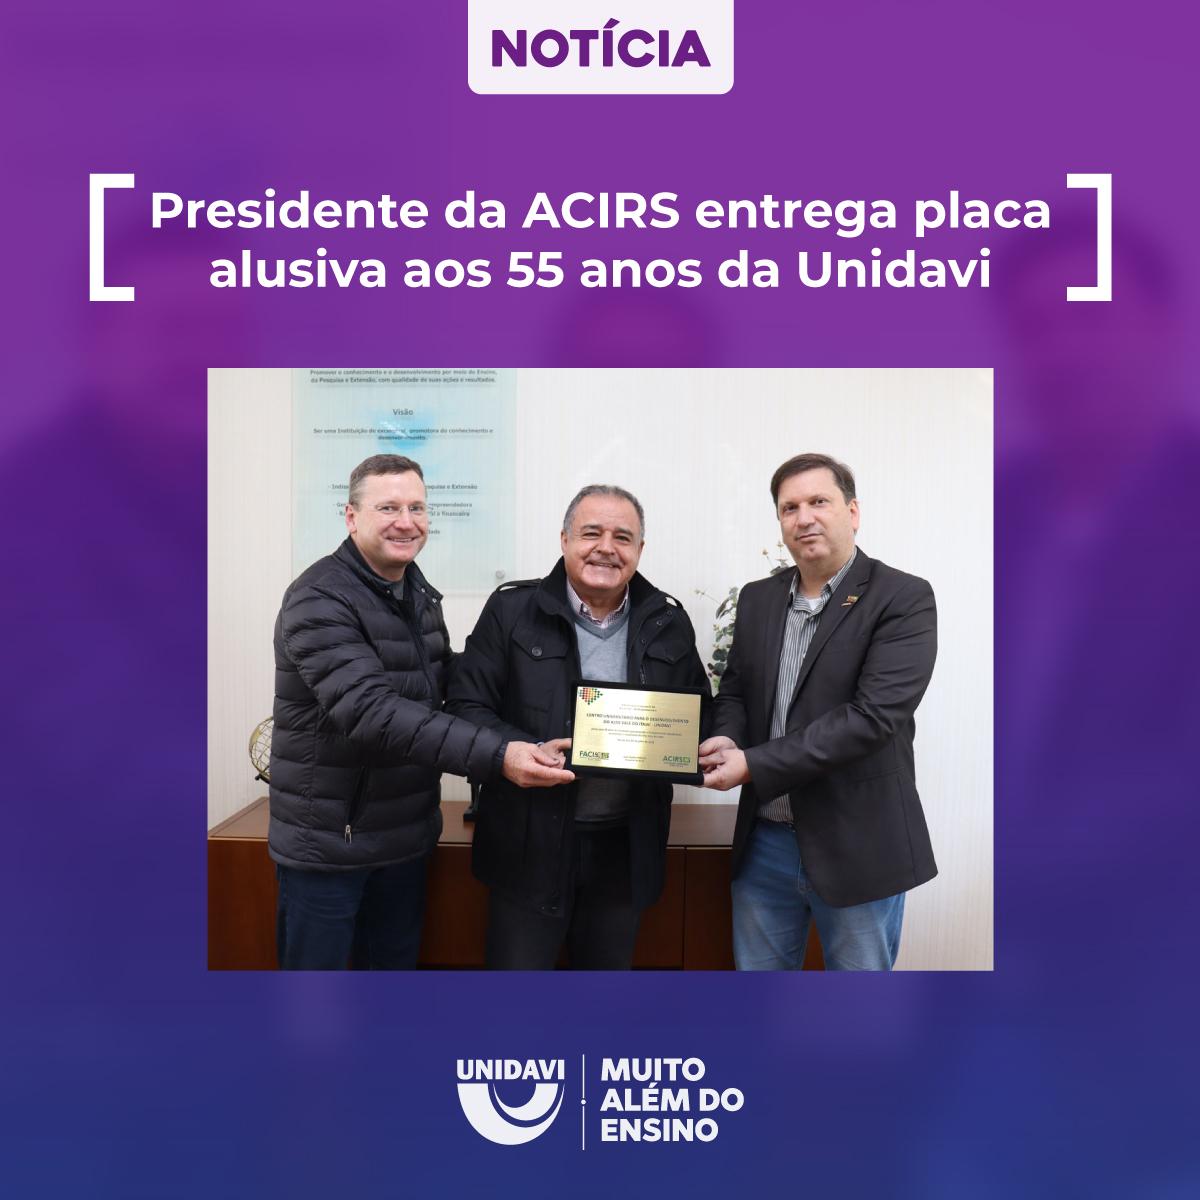 Presidente da ACIRS entrega placa alusiva aos 55 anos da Unidavi